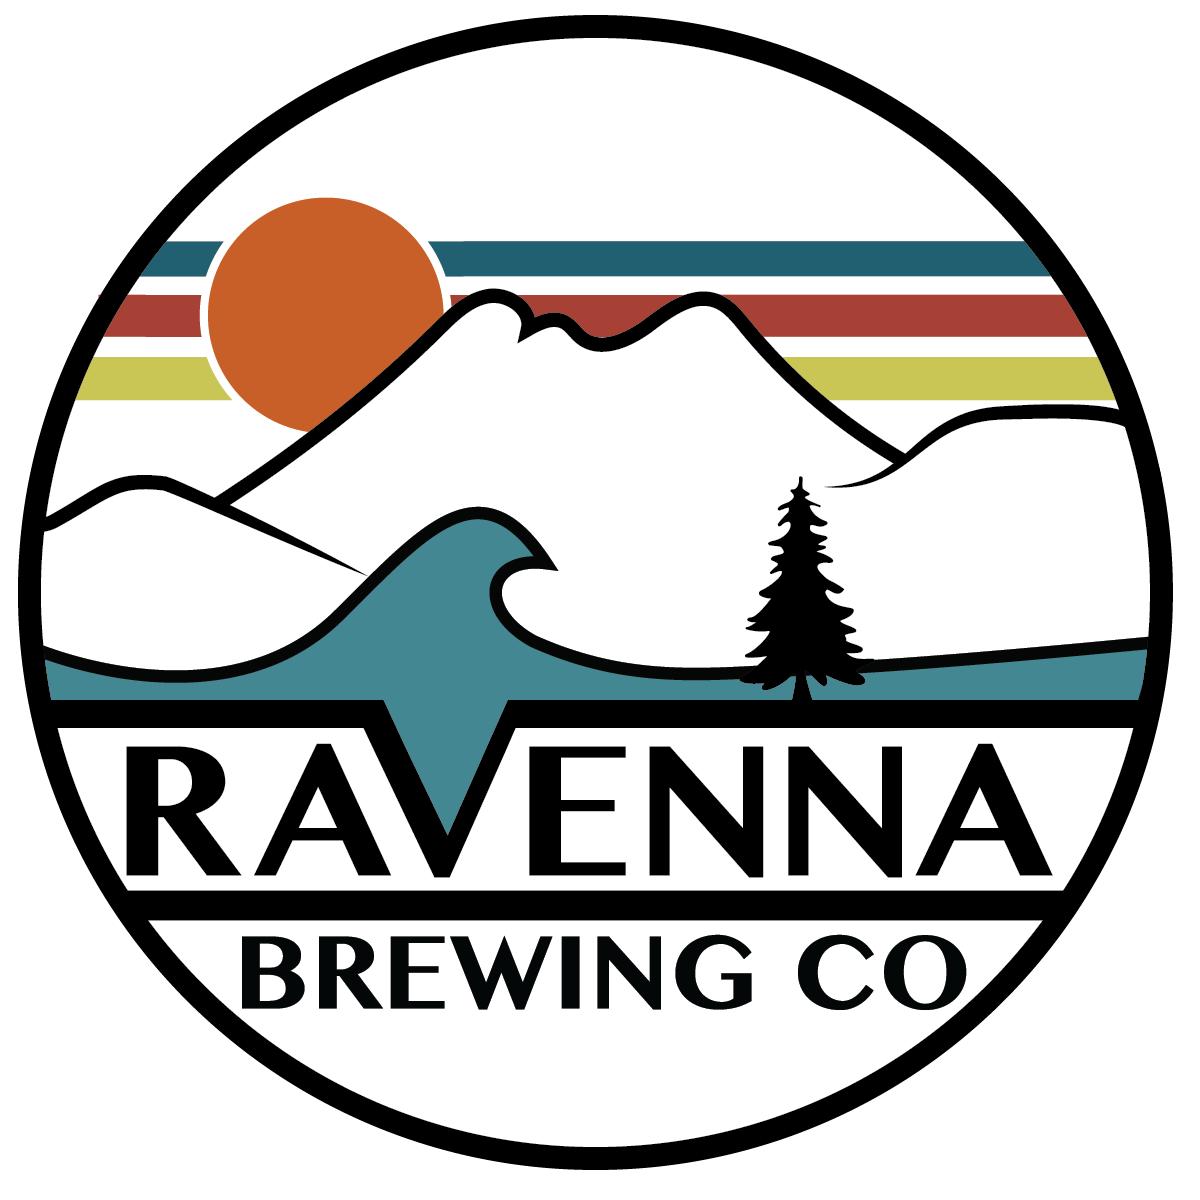 Ravenna Brewing Co